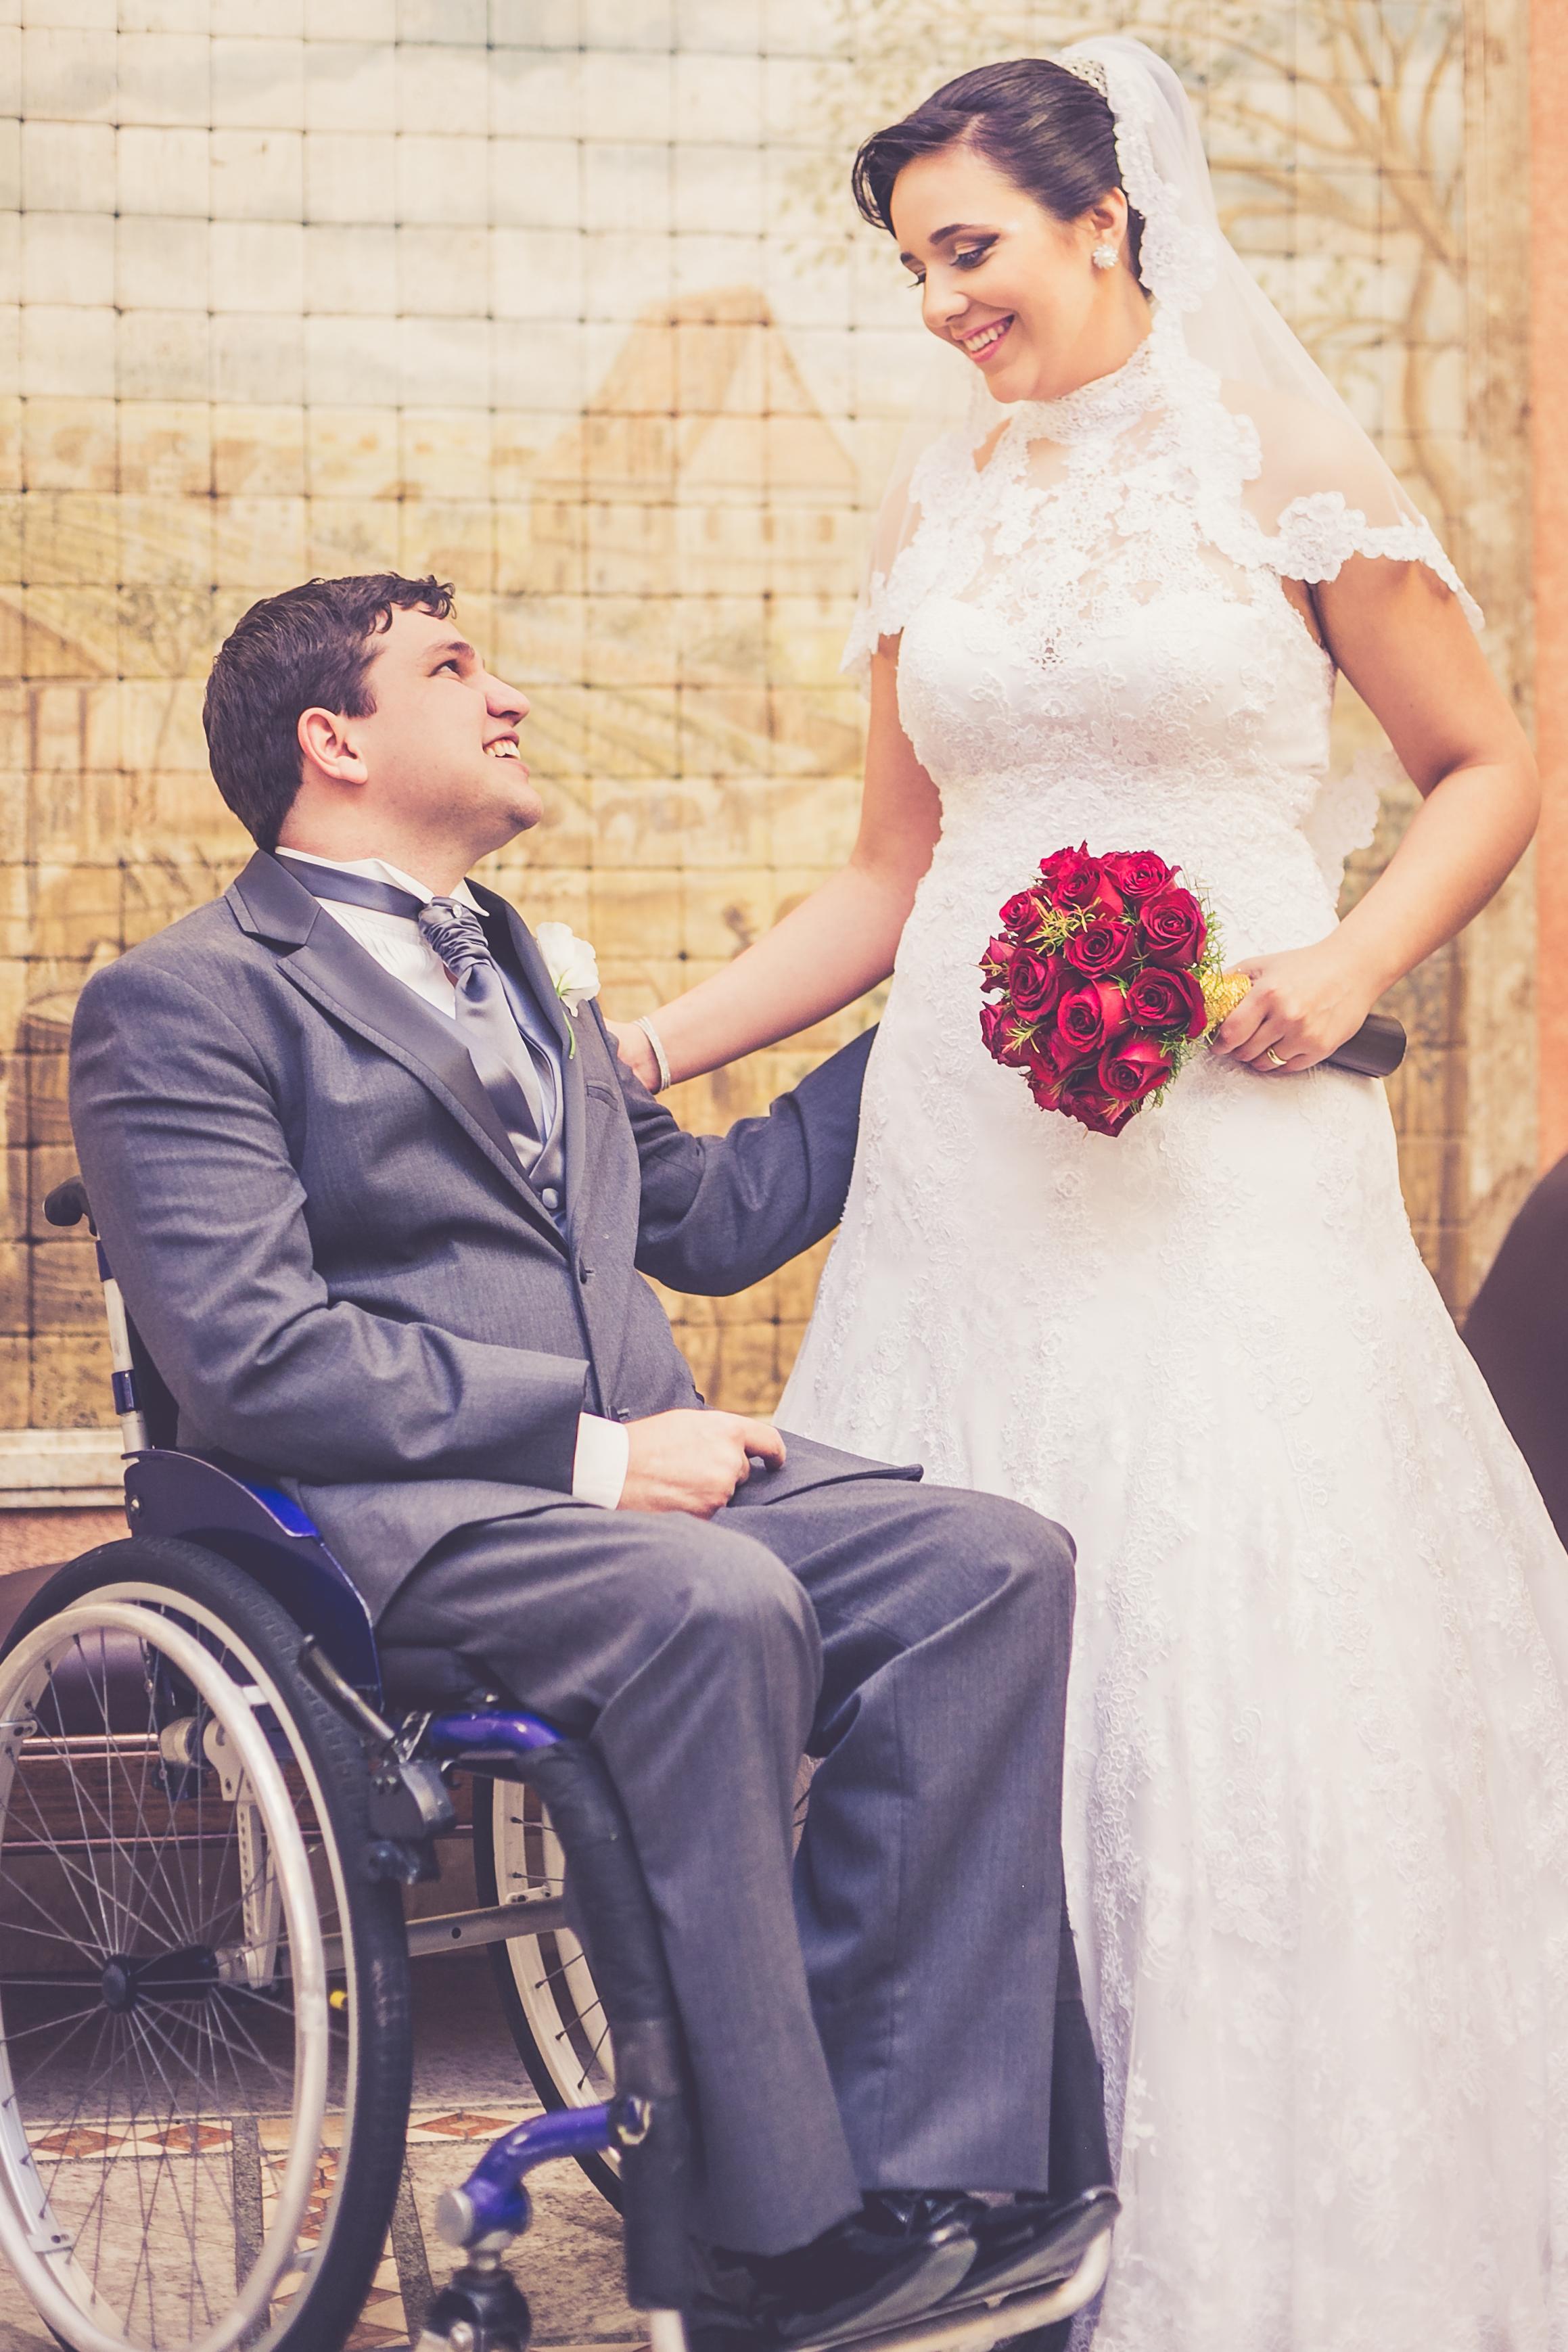 Contate Fotografia de Casamento Gestante Família Pinhais Curitiba PR